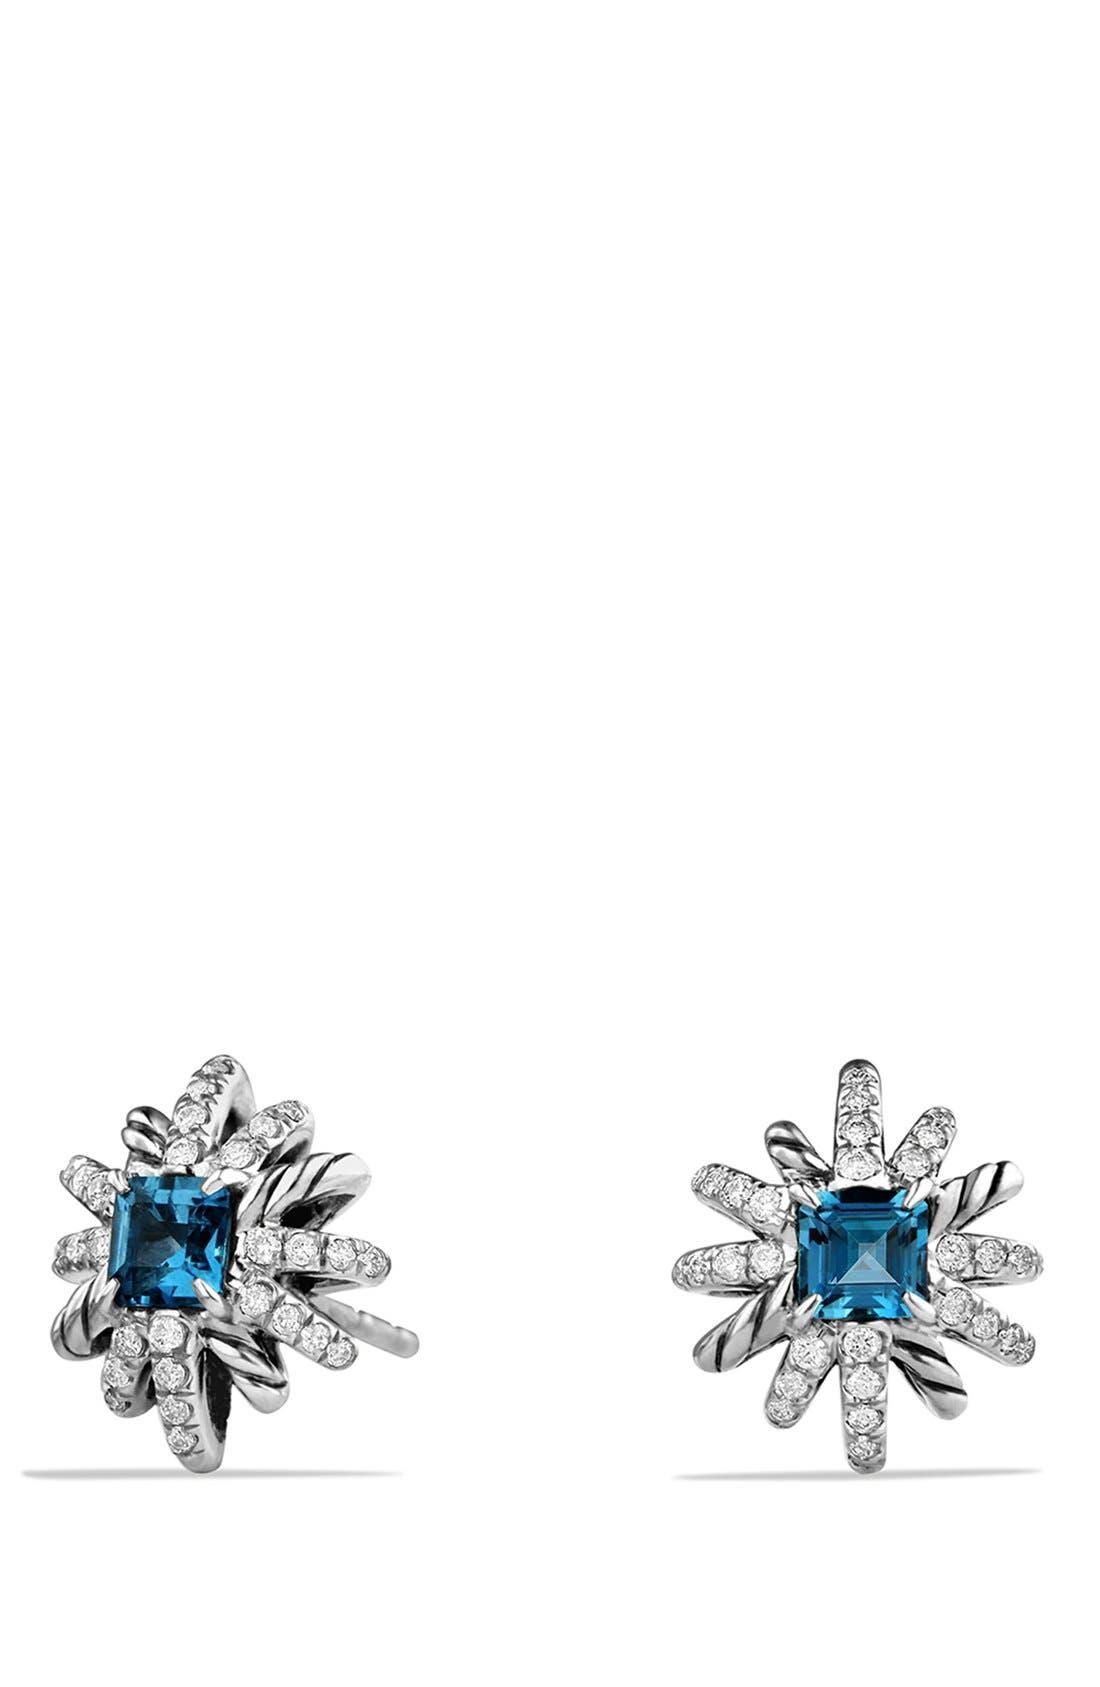 'Starburst' Earrings,                             Main thumbnail 1, color,                             Hampton Blue Topaz